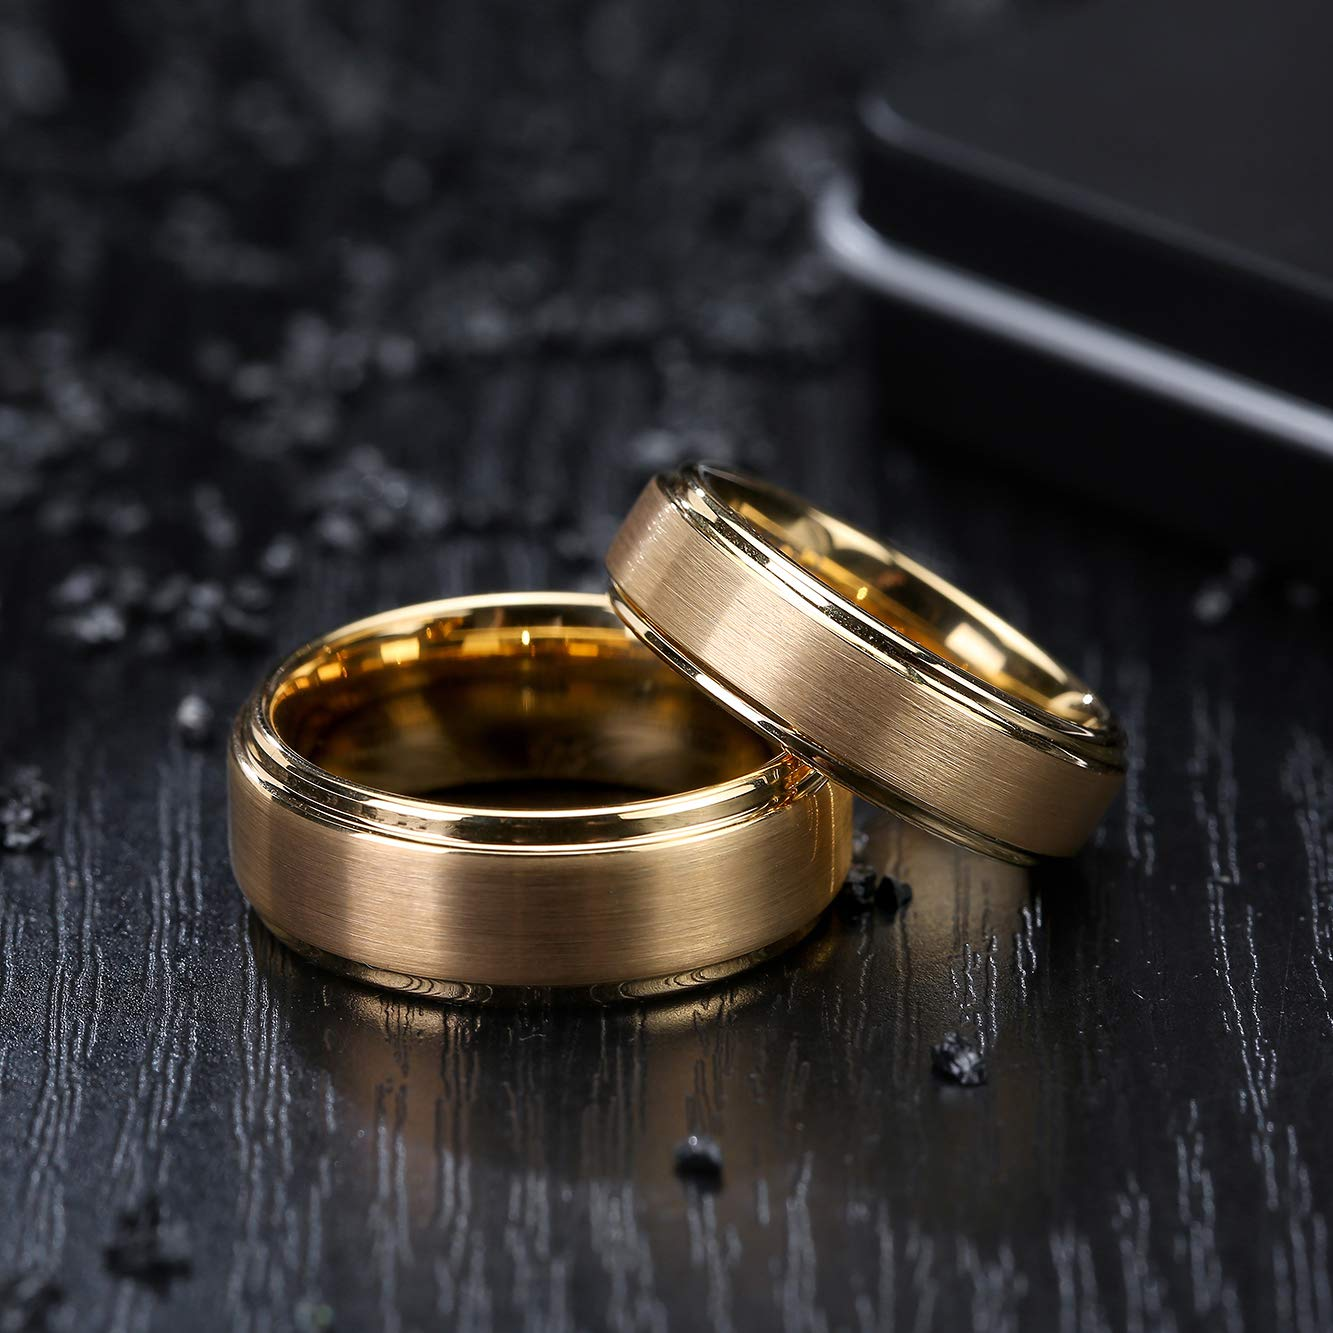 Amazon.com: LerchPhi alianzas de boda personalizadas de oro ...